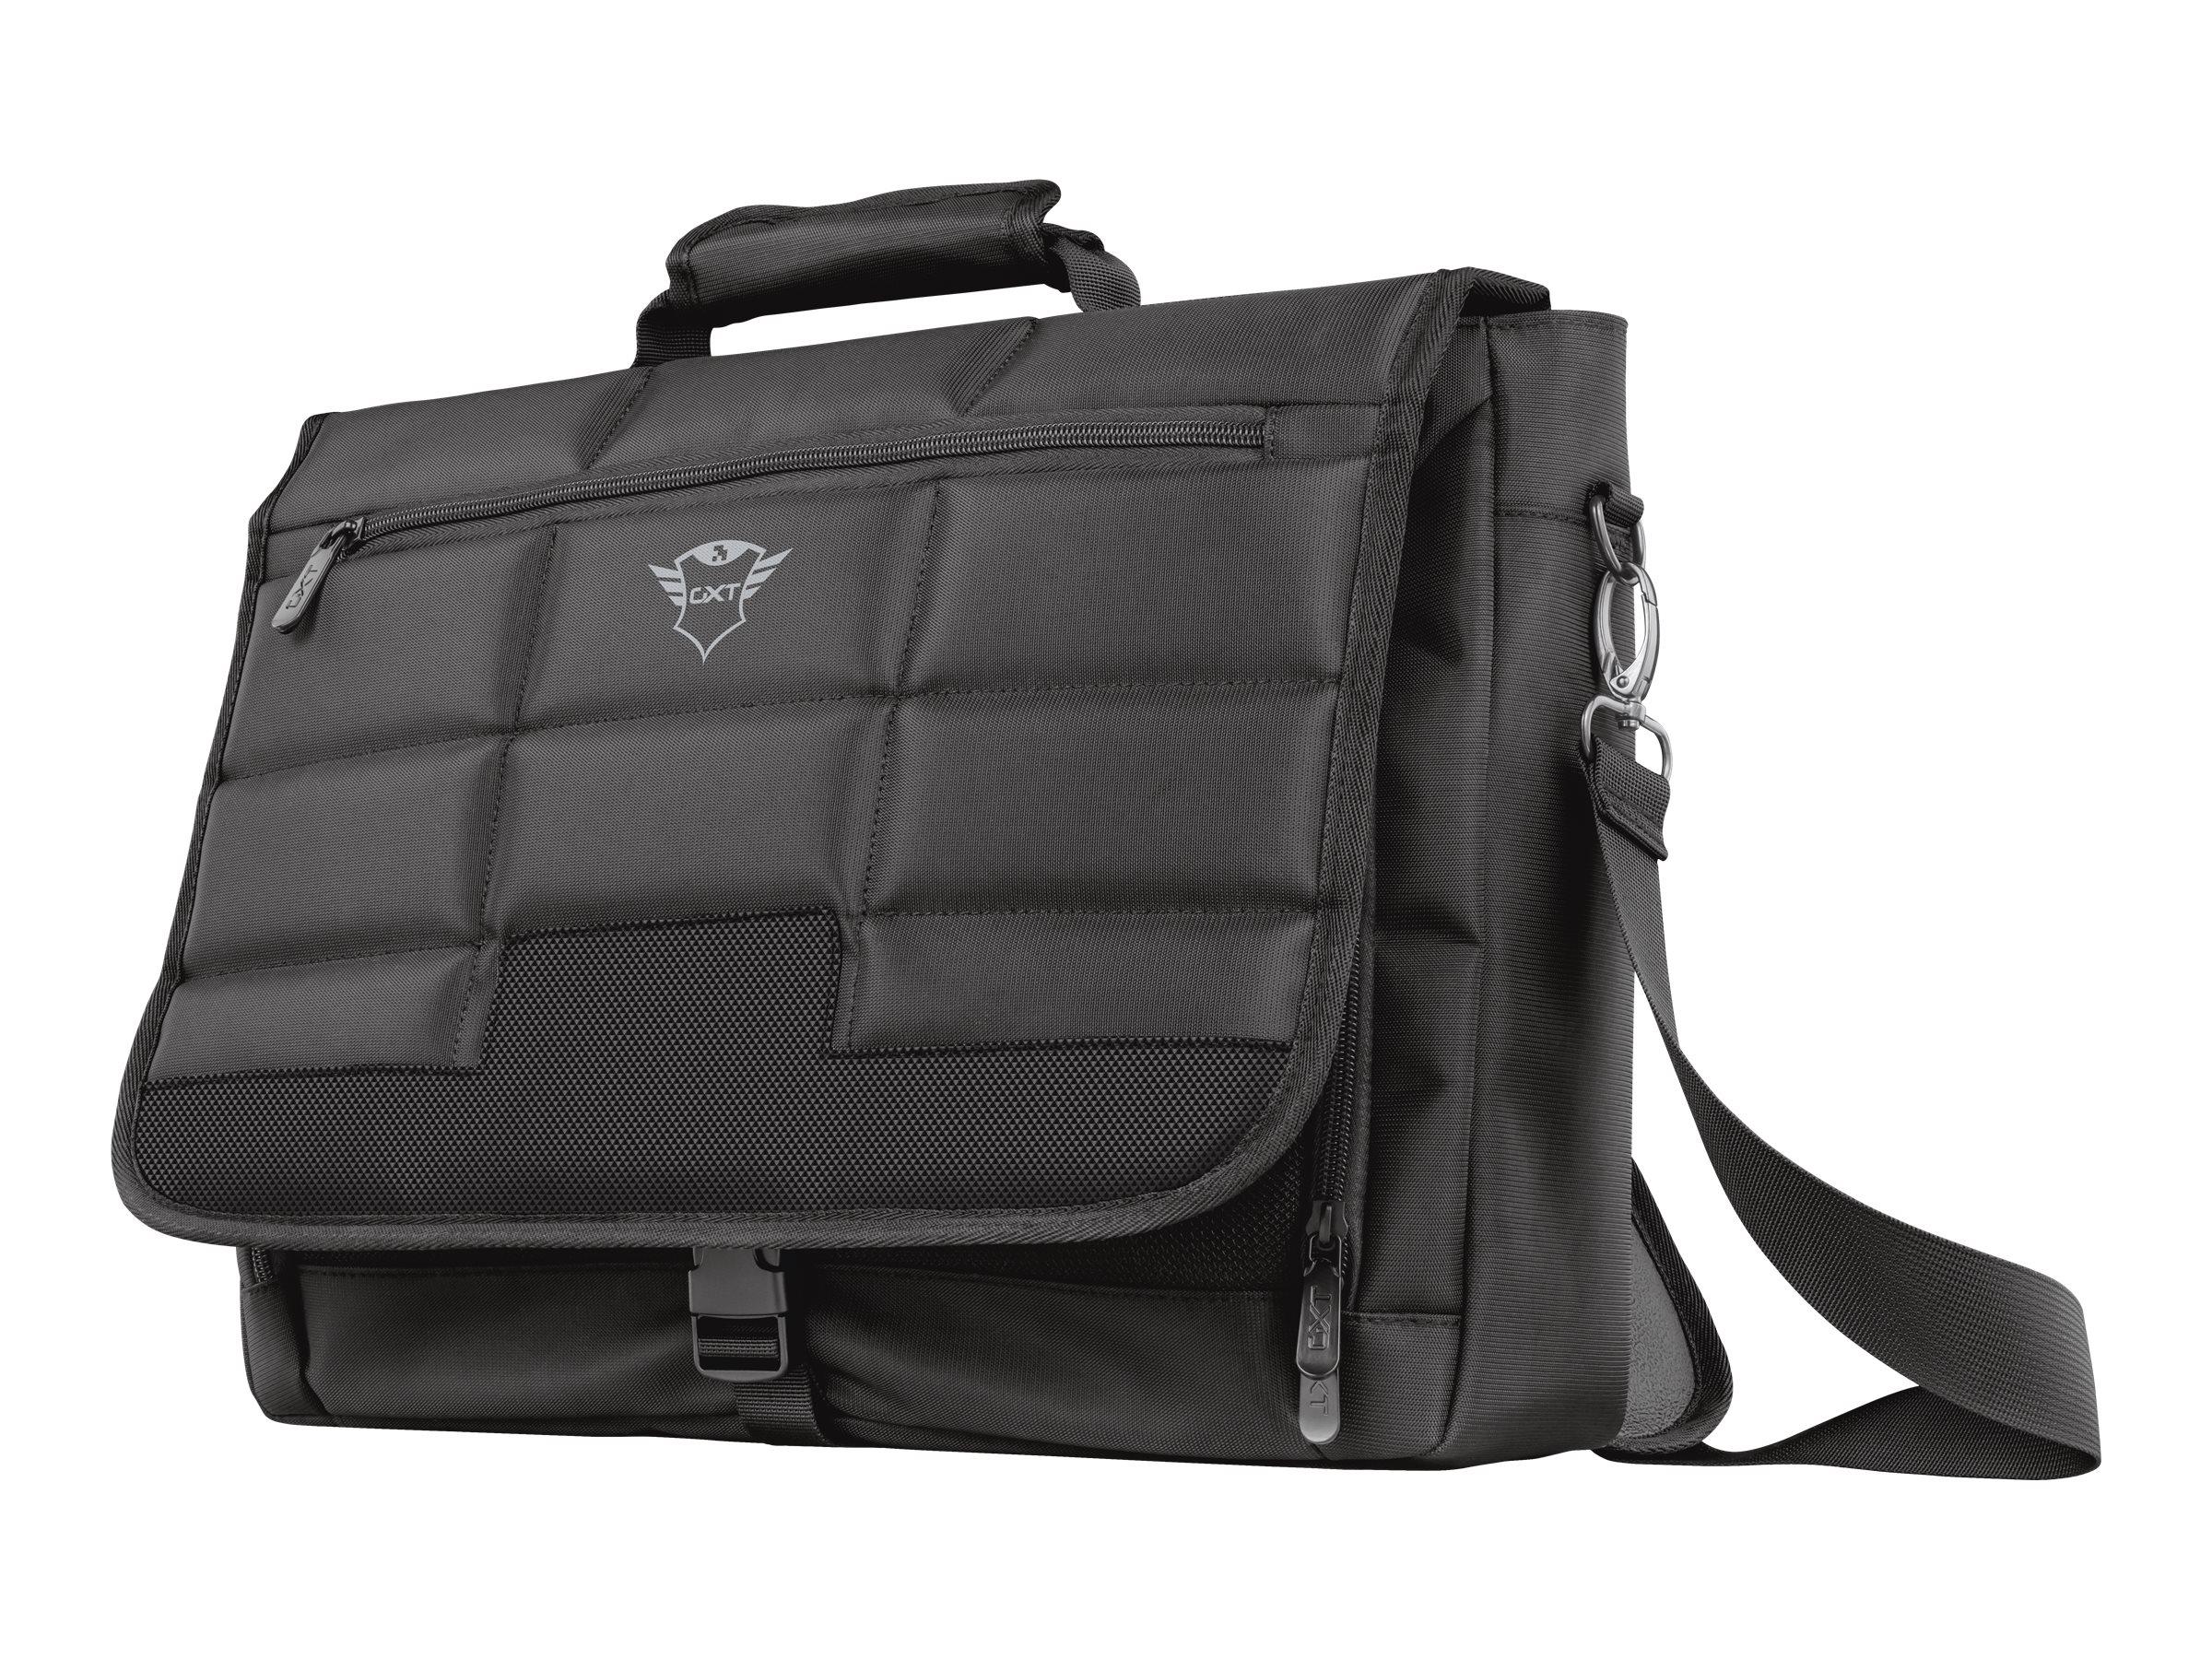 Trust GXT 1270 Bullet Gaming Messenger Bag - Notebook-Schultertasche - 40.6 cm - 15.6